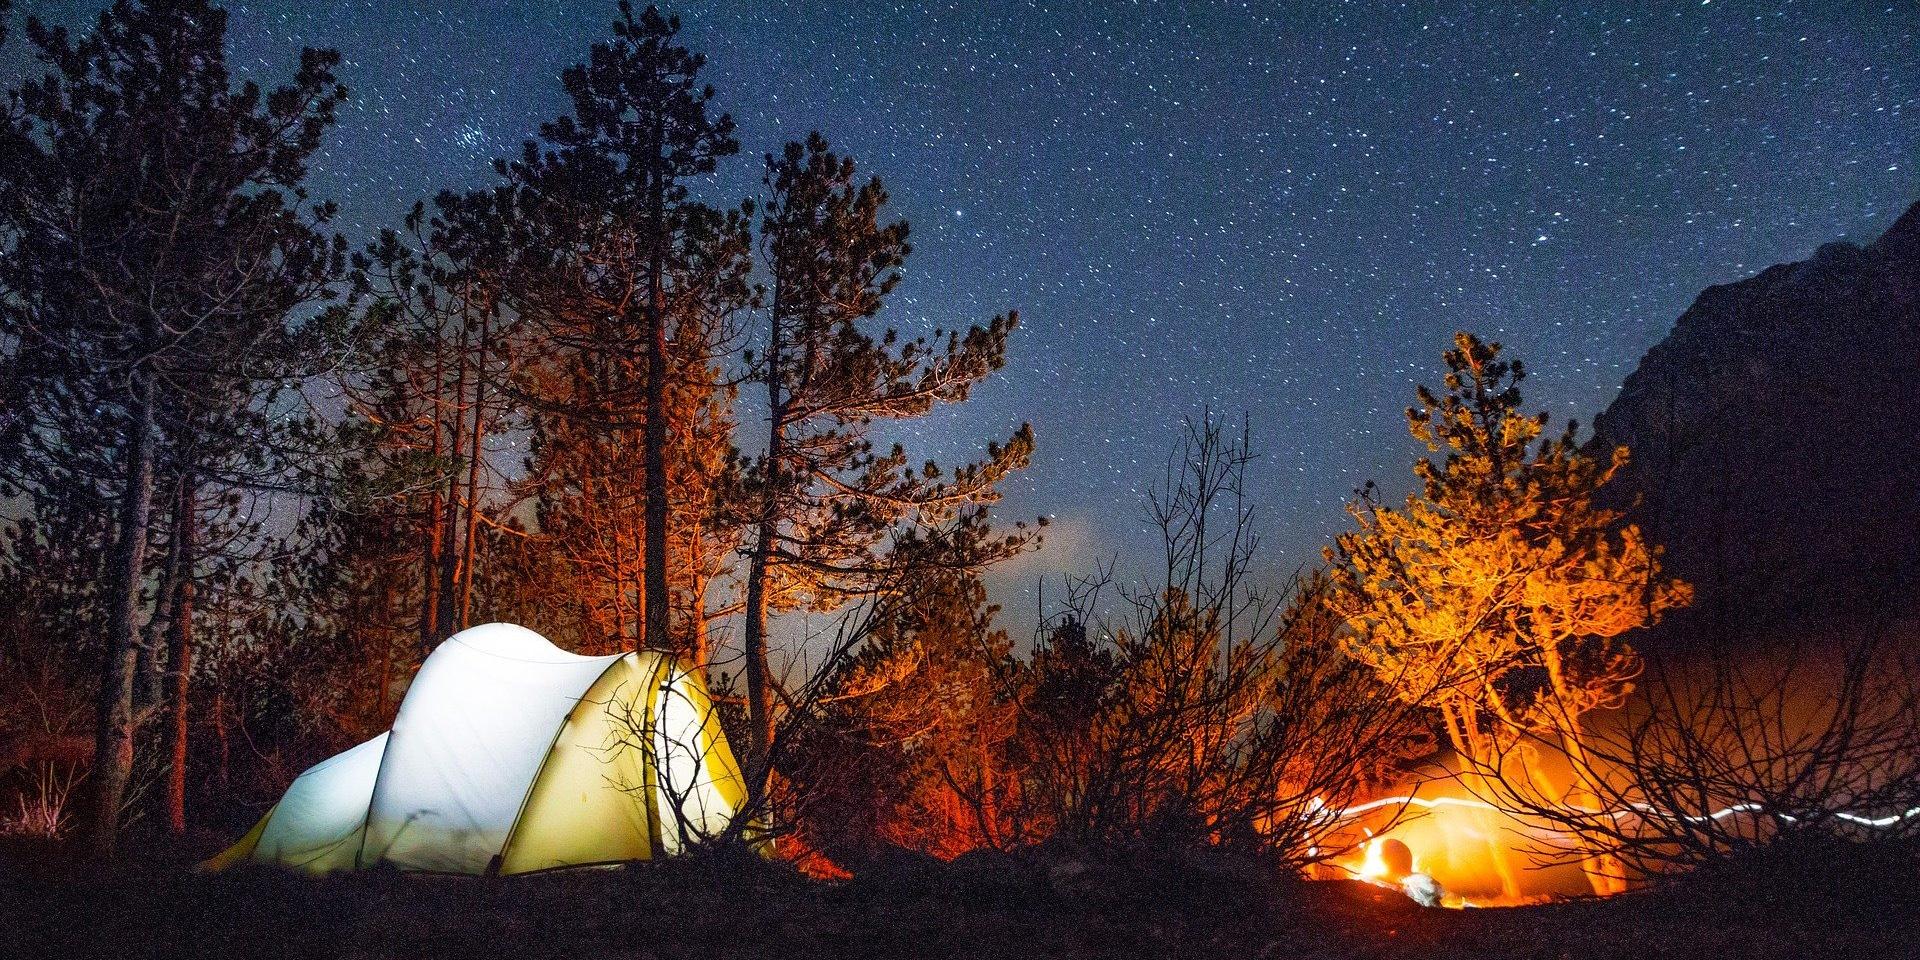 Провести ночь в палатке под звездным небом, это же так круто!